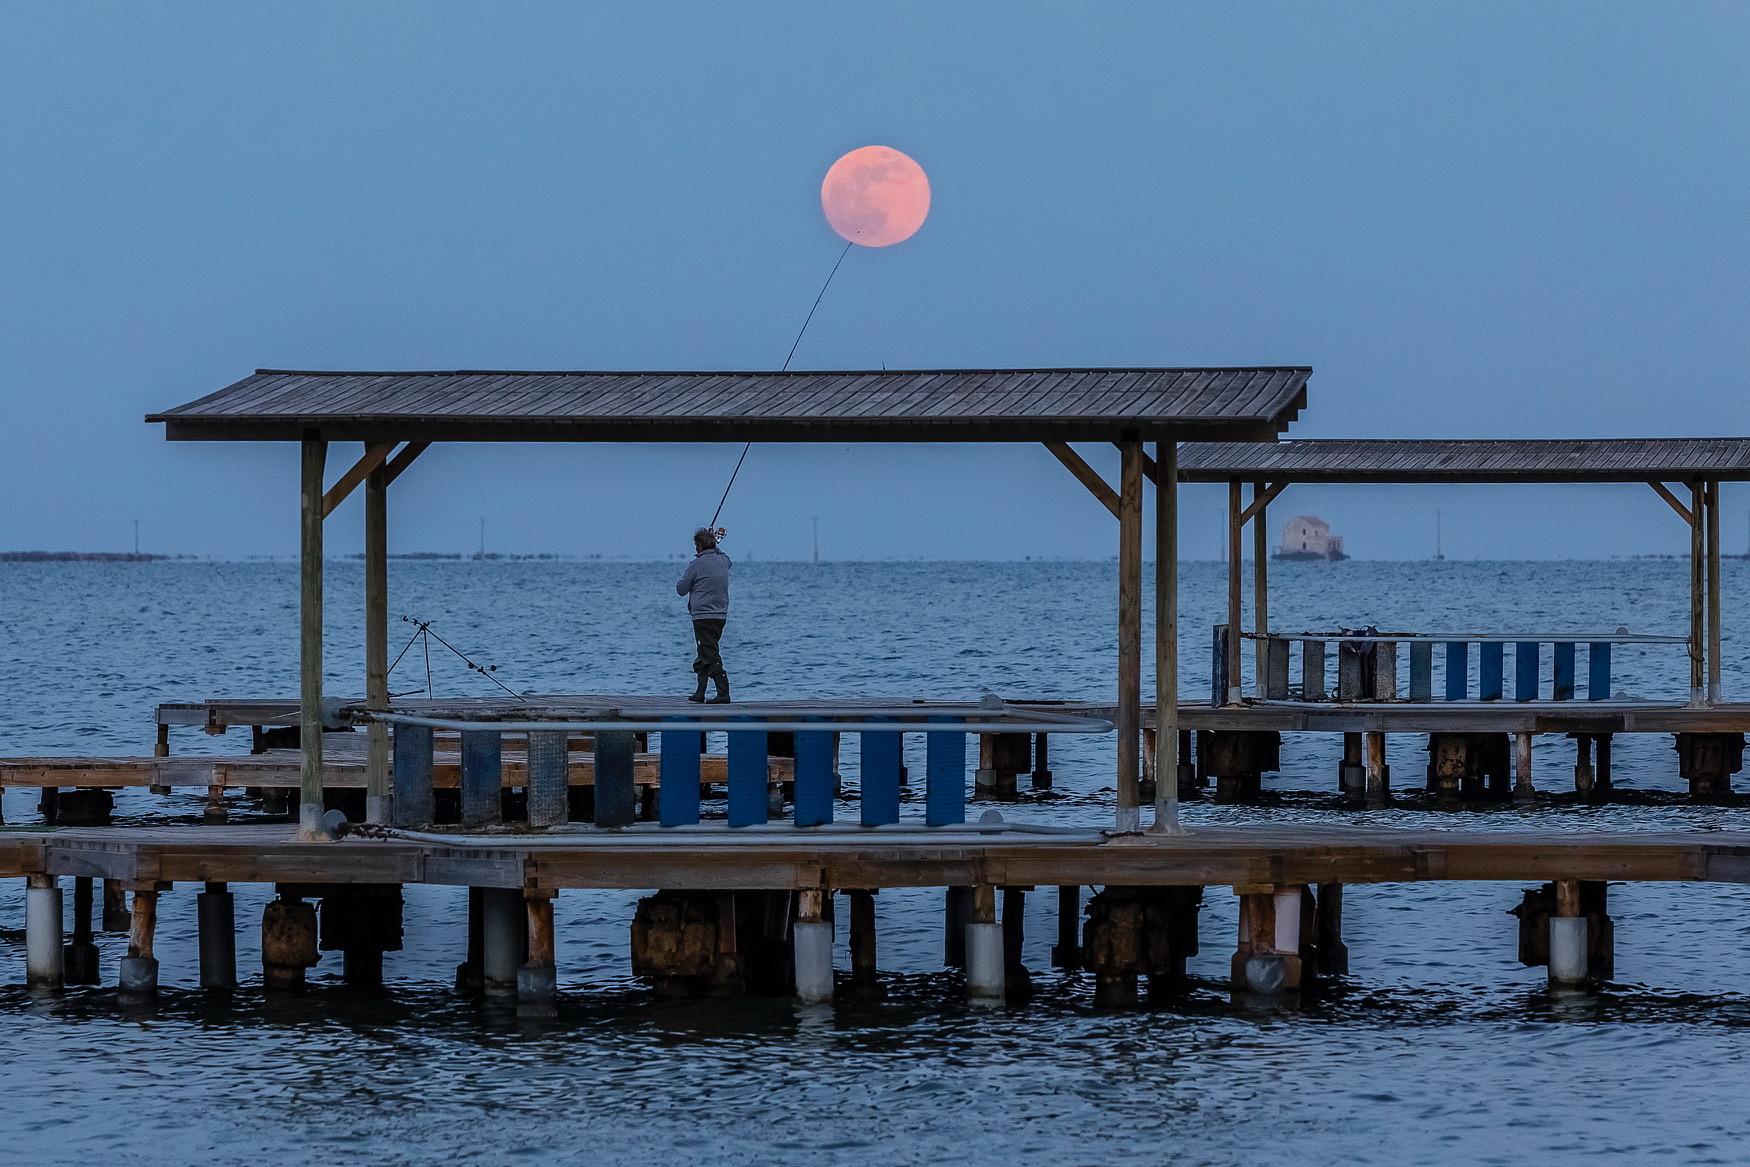 Segundo clasificado: 'Pescando la luna', de Pedro Javier Sáez